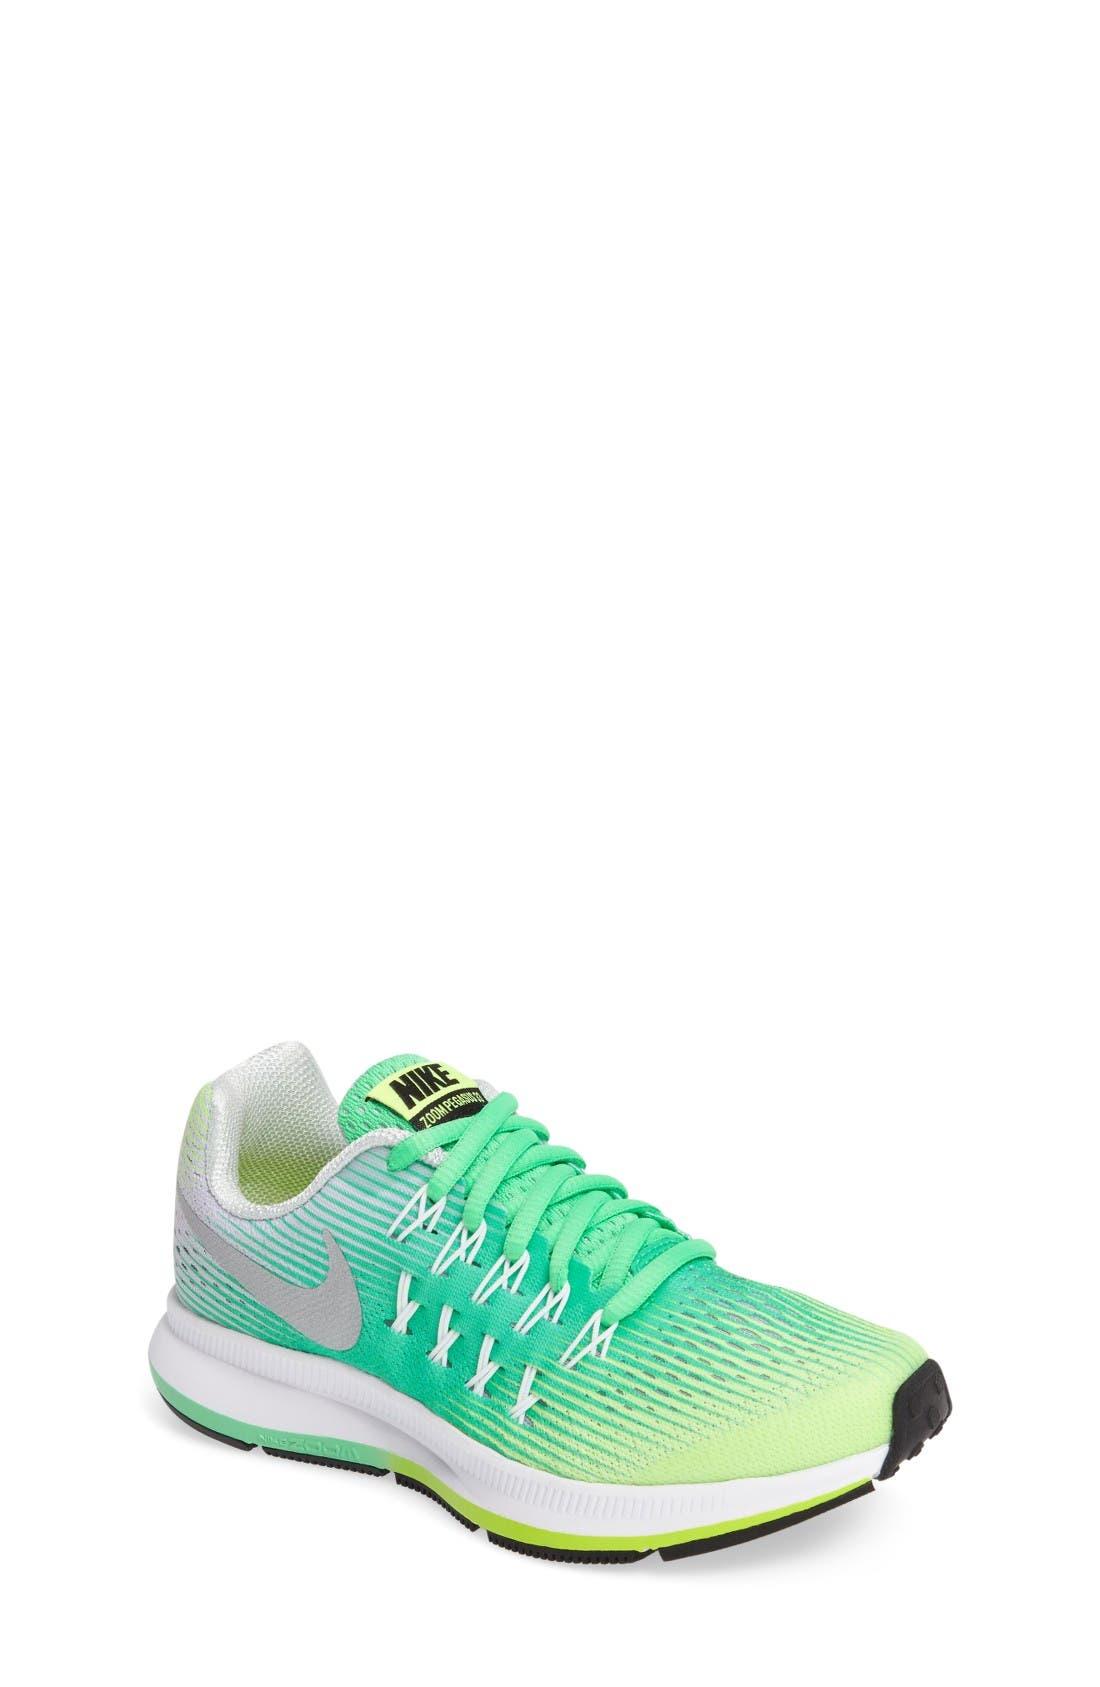 Main Image - Nike 'Zoom Pegasus 33' Sneaker (Little Kid & Big Kid)